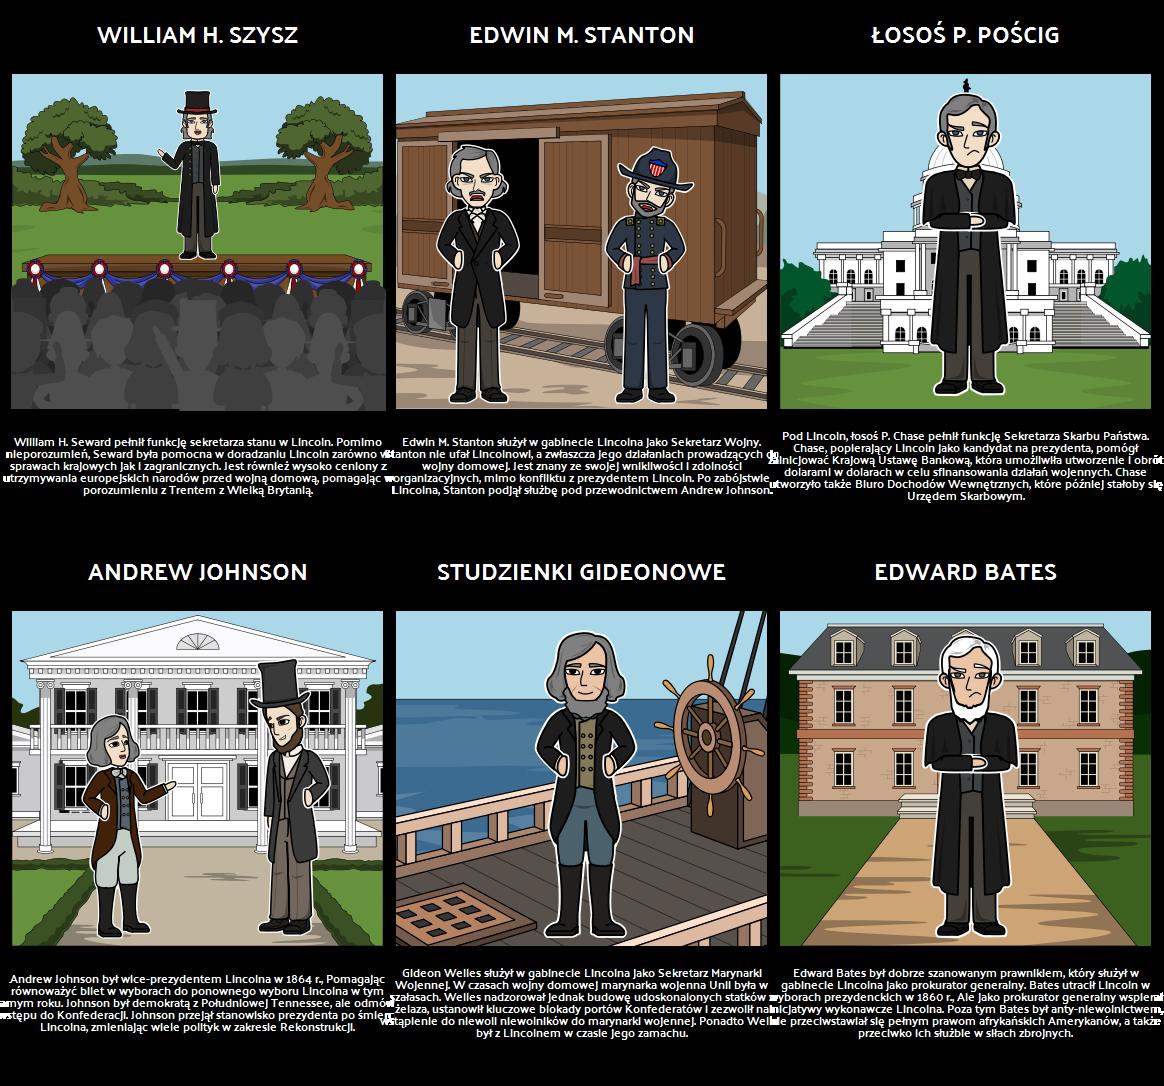 Prezydencja Abrahama Lincolna - Główne Figury Gabinetu Lincolna